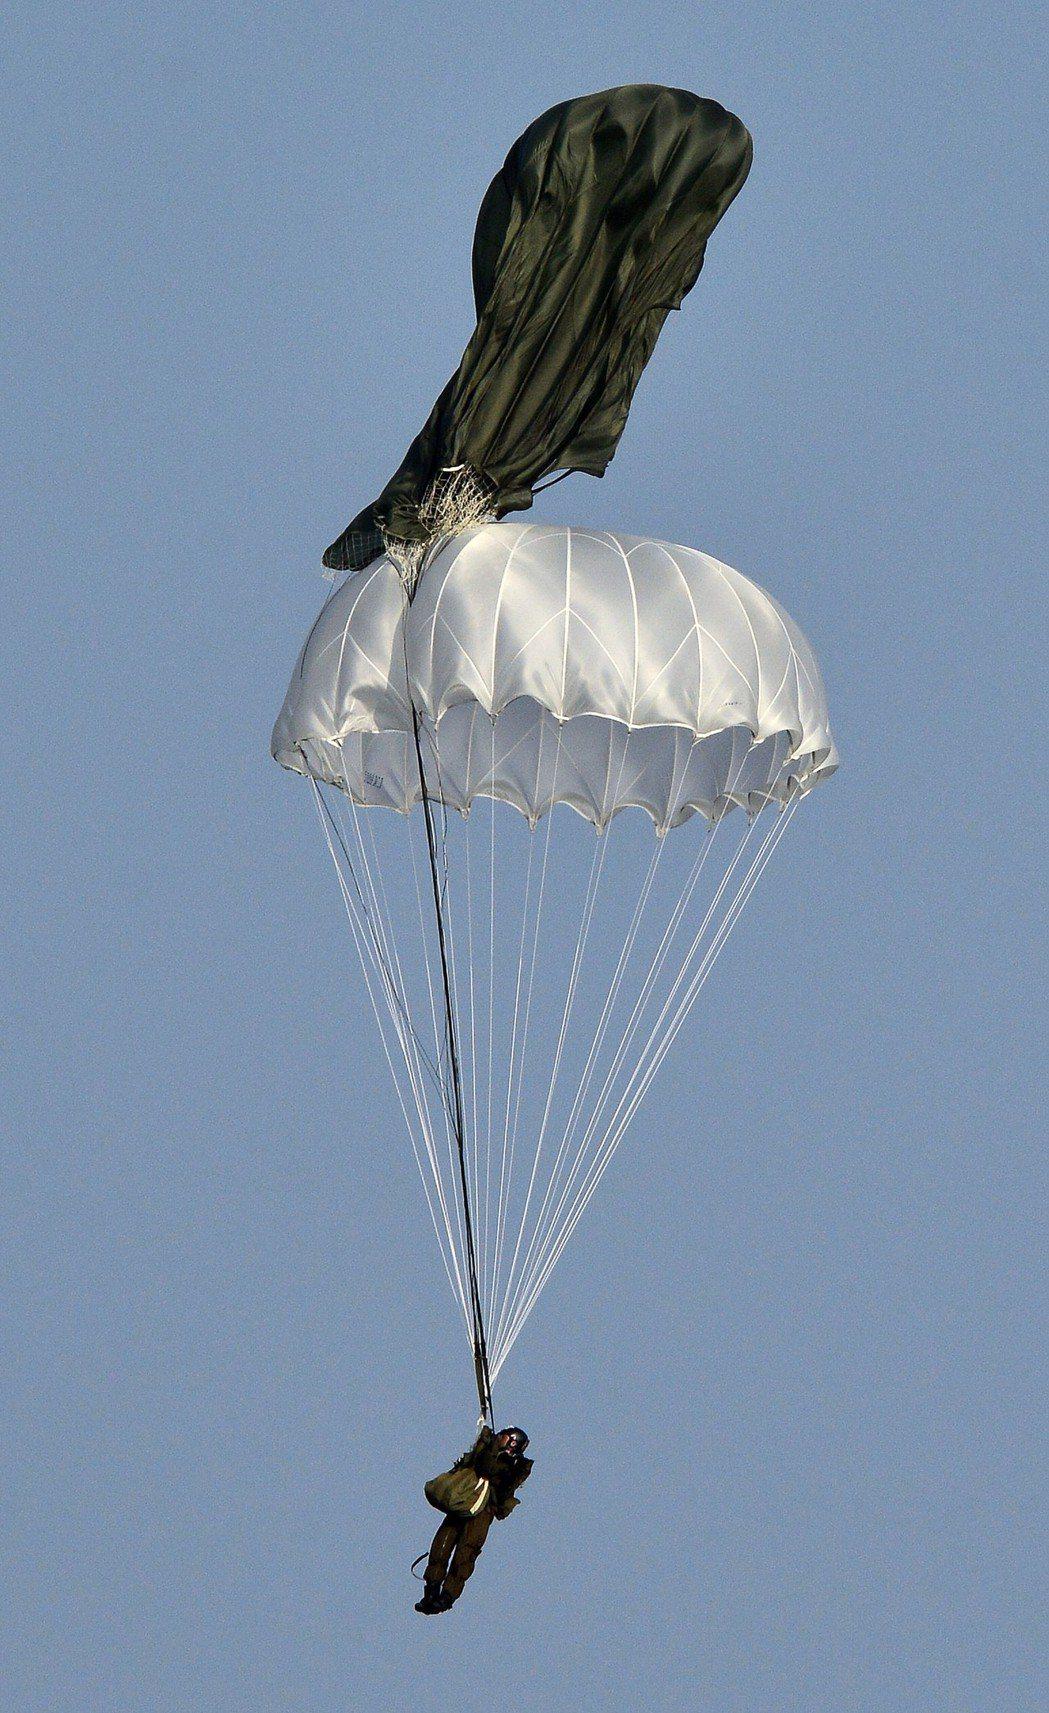 漢光30號演習跳傘空降演練,其中有一名傘兵跳出時發生主傘未開的驚險狀況,所幸傘兵...